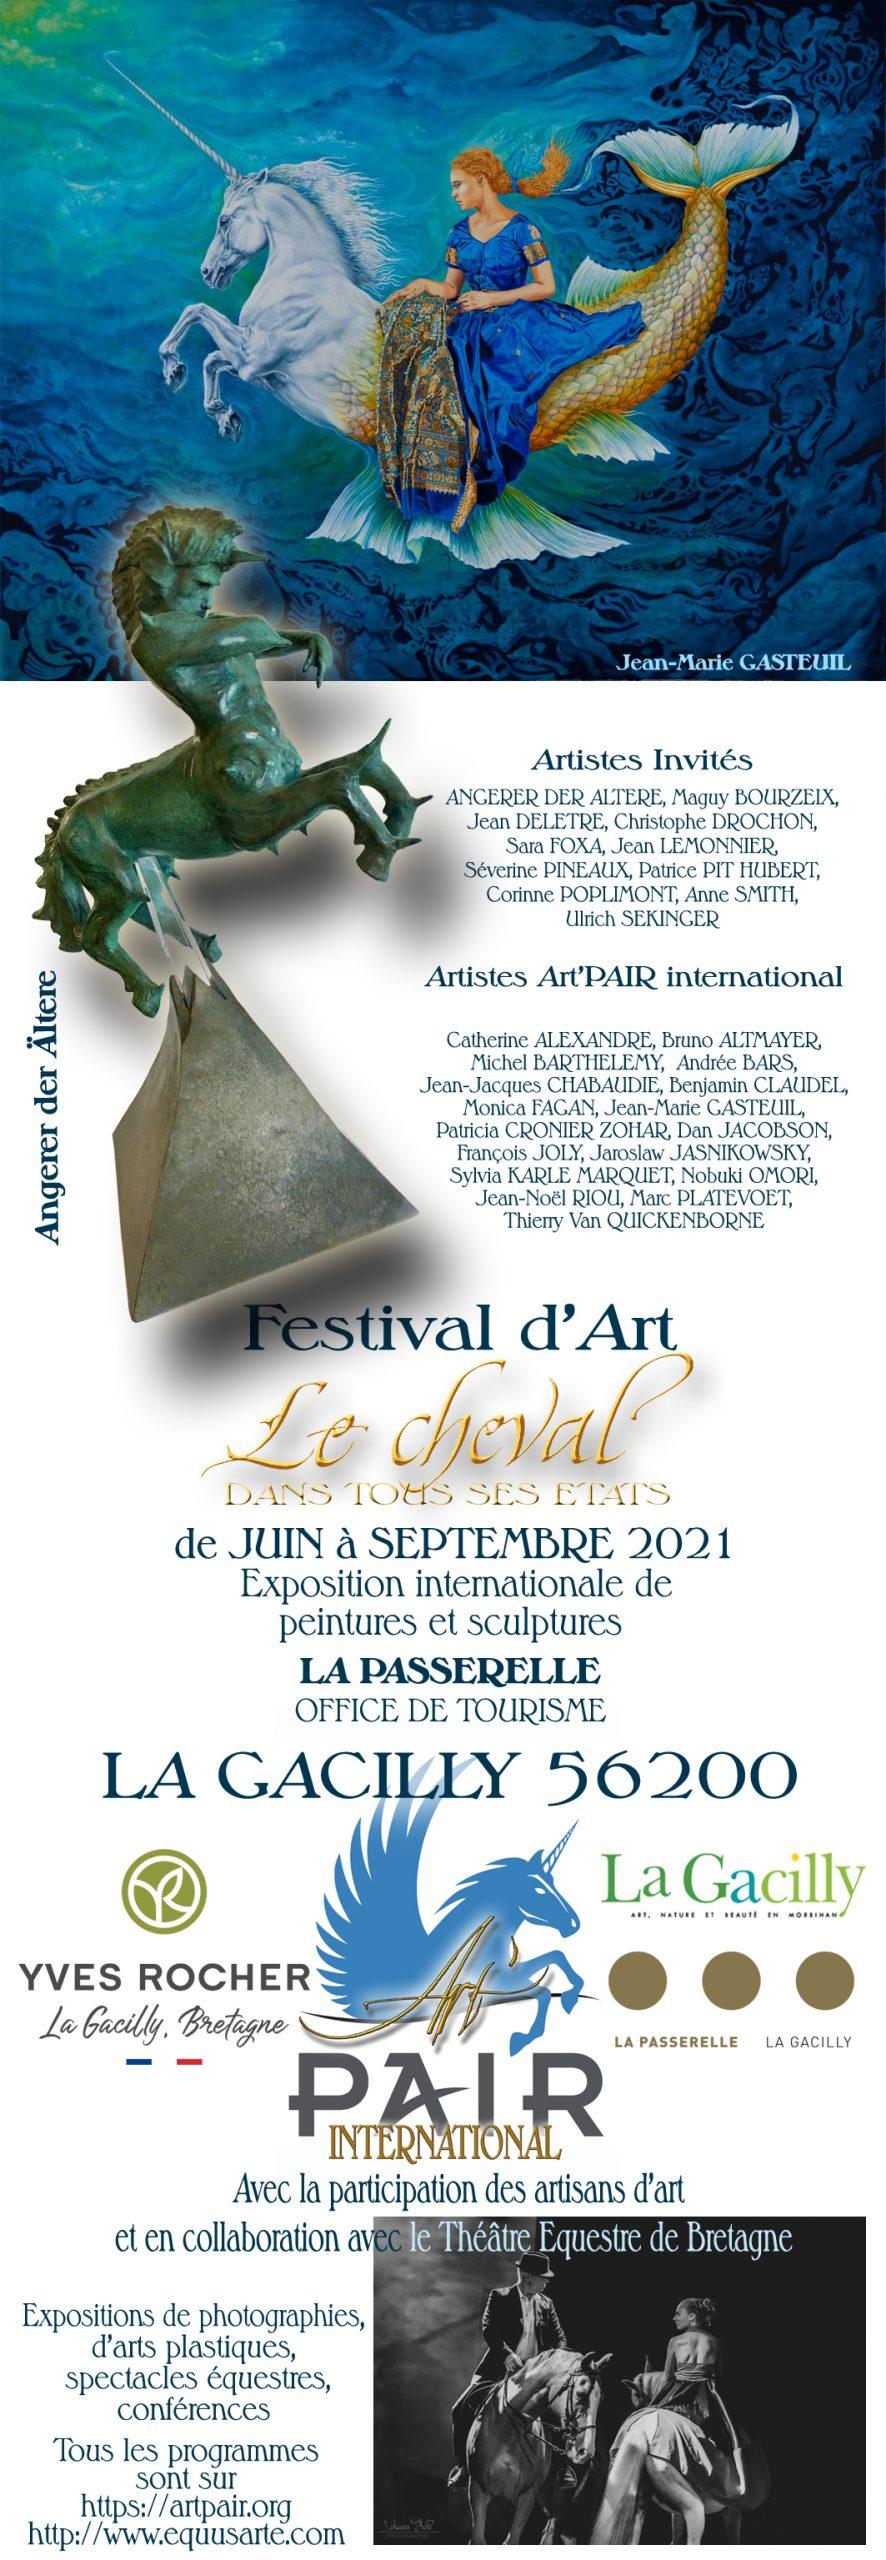 Festival d'art